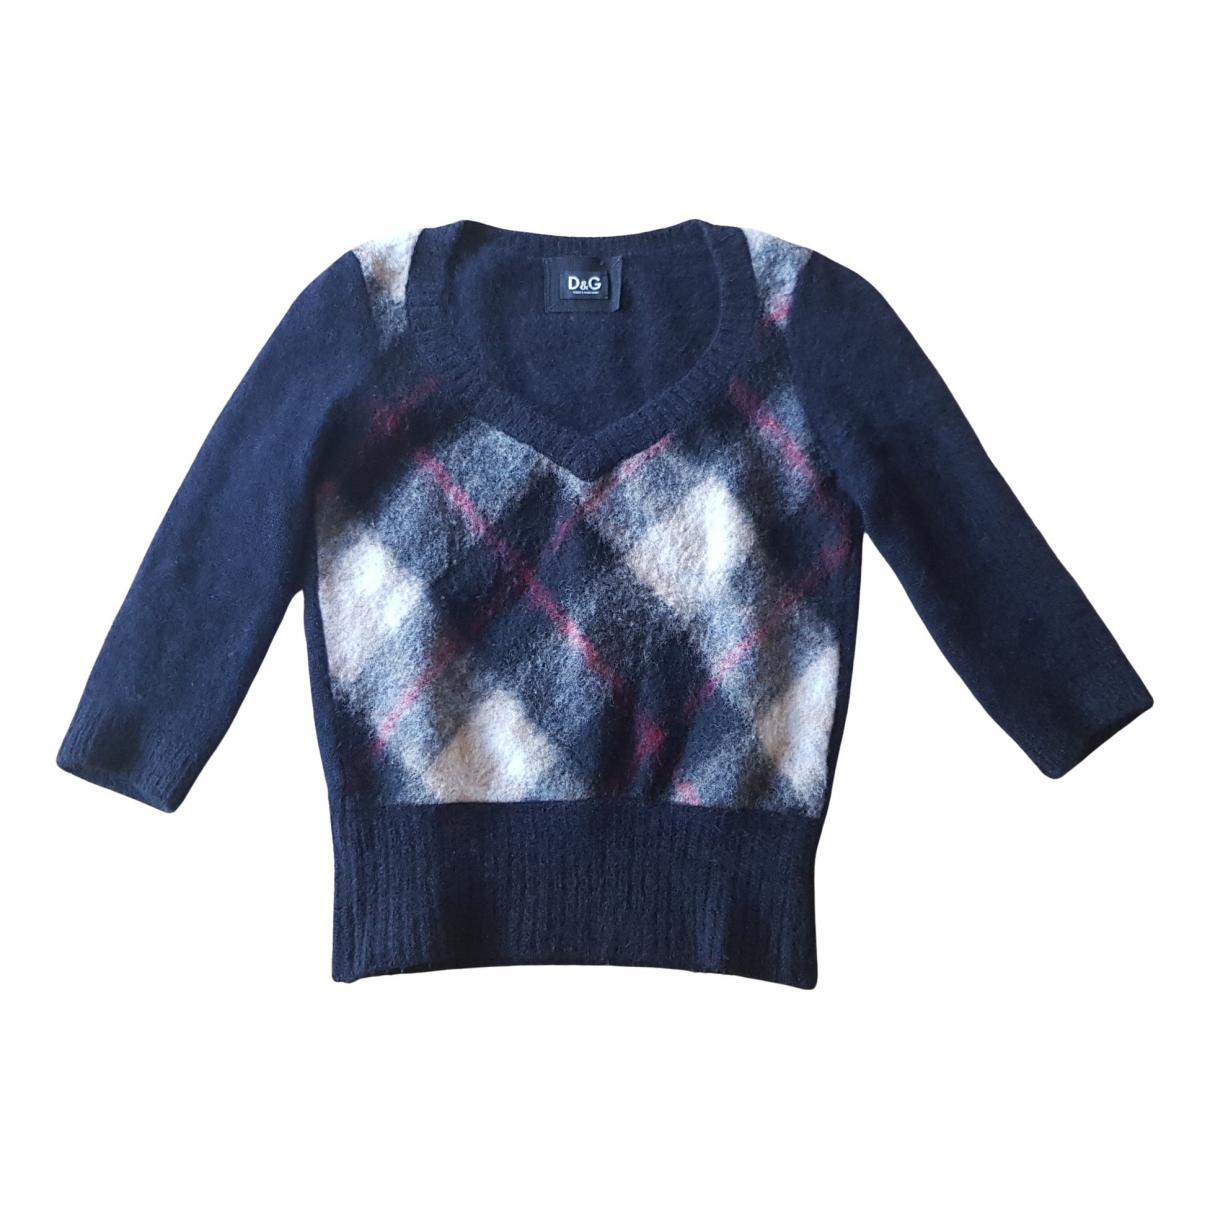 D&g - Pull   pour femme en laine - noir